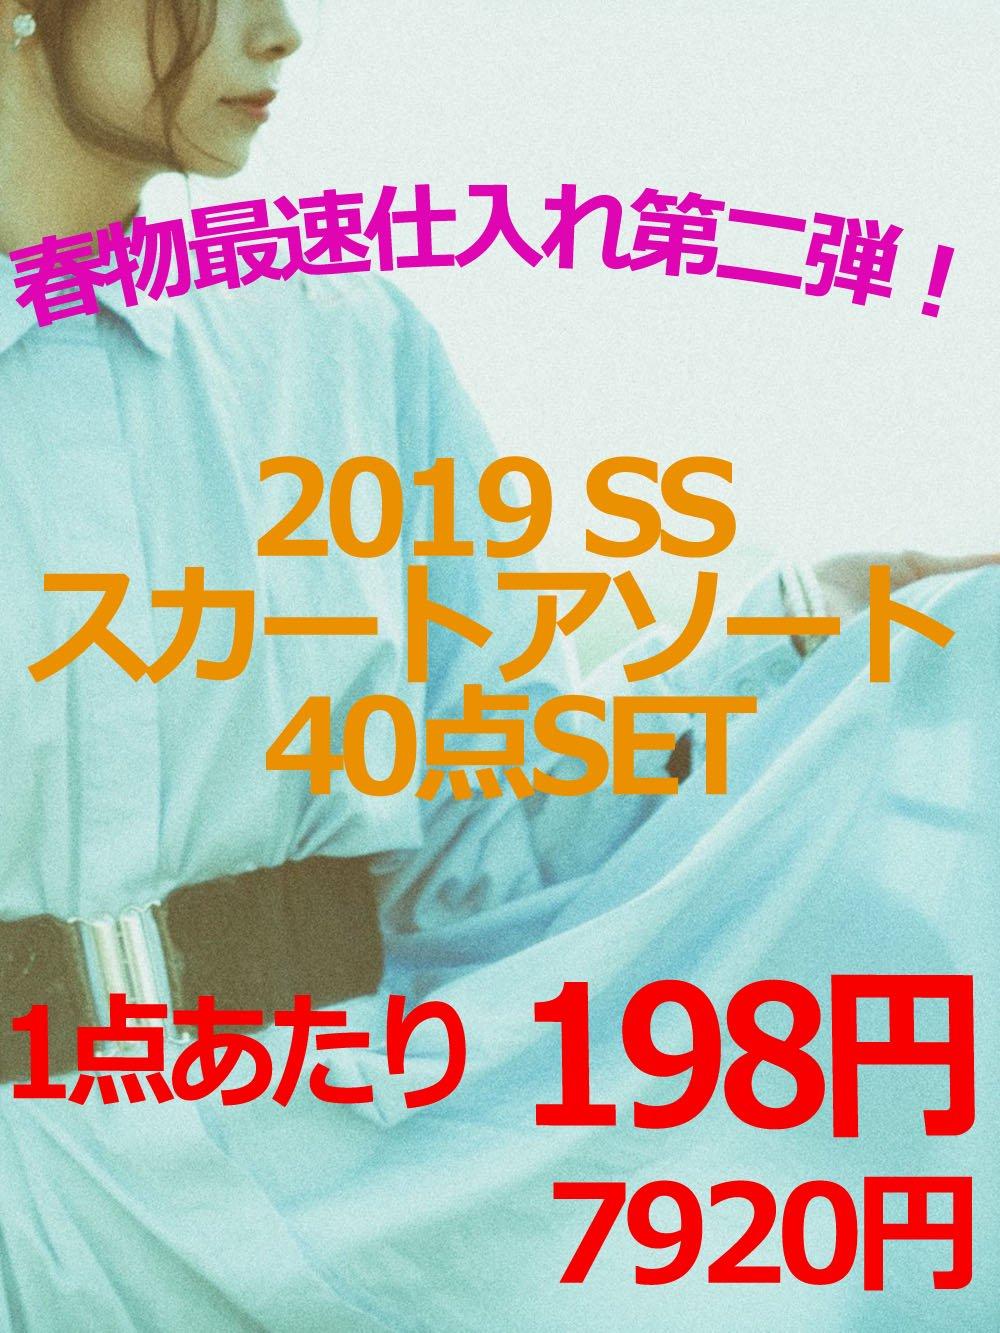 【春物最速仕入れ第二弾!】2019SSスカートアソートセット☆ 【40点】@198